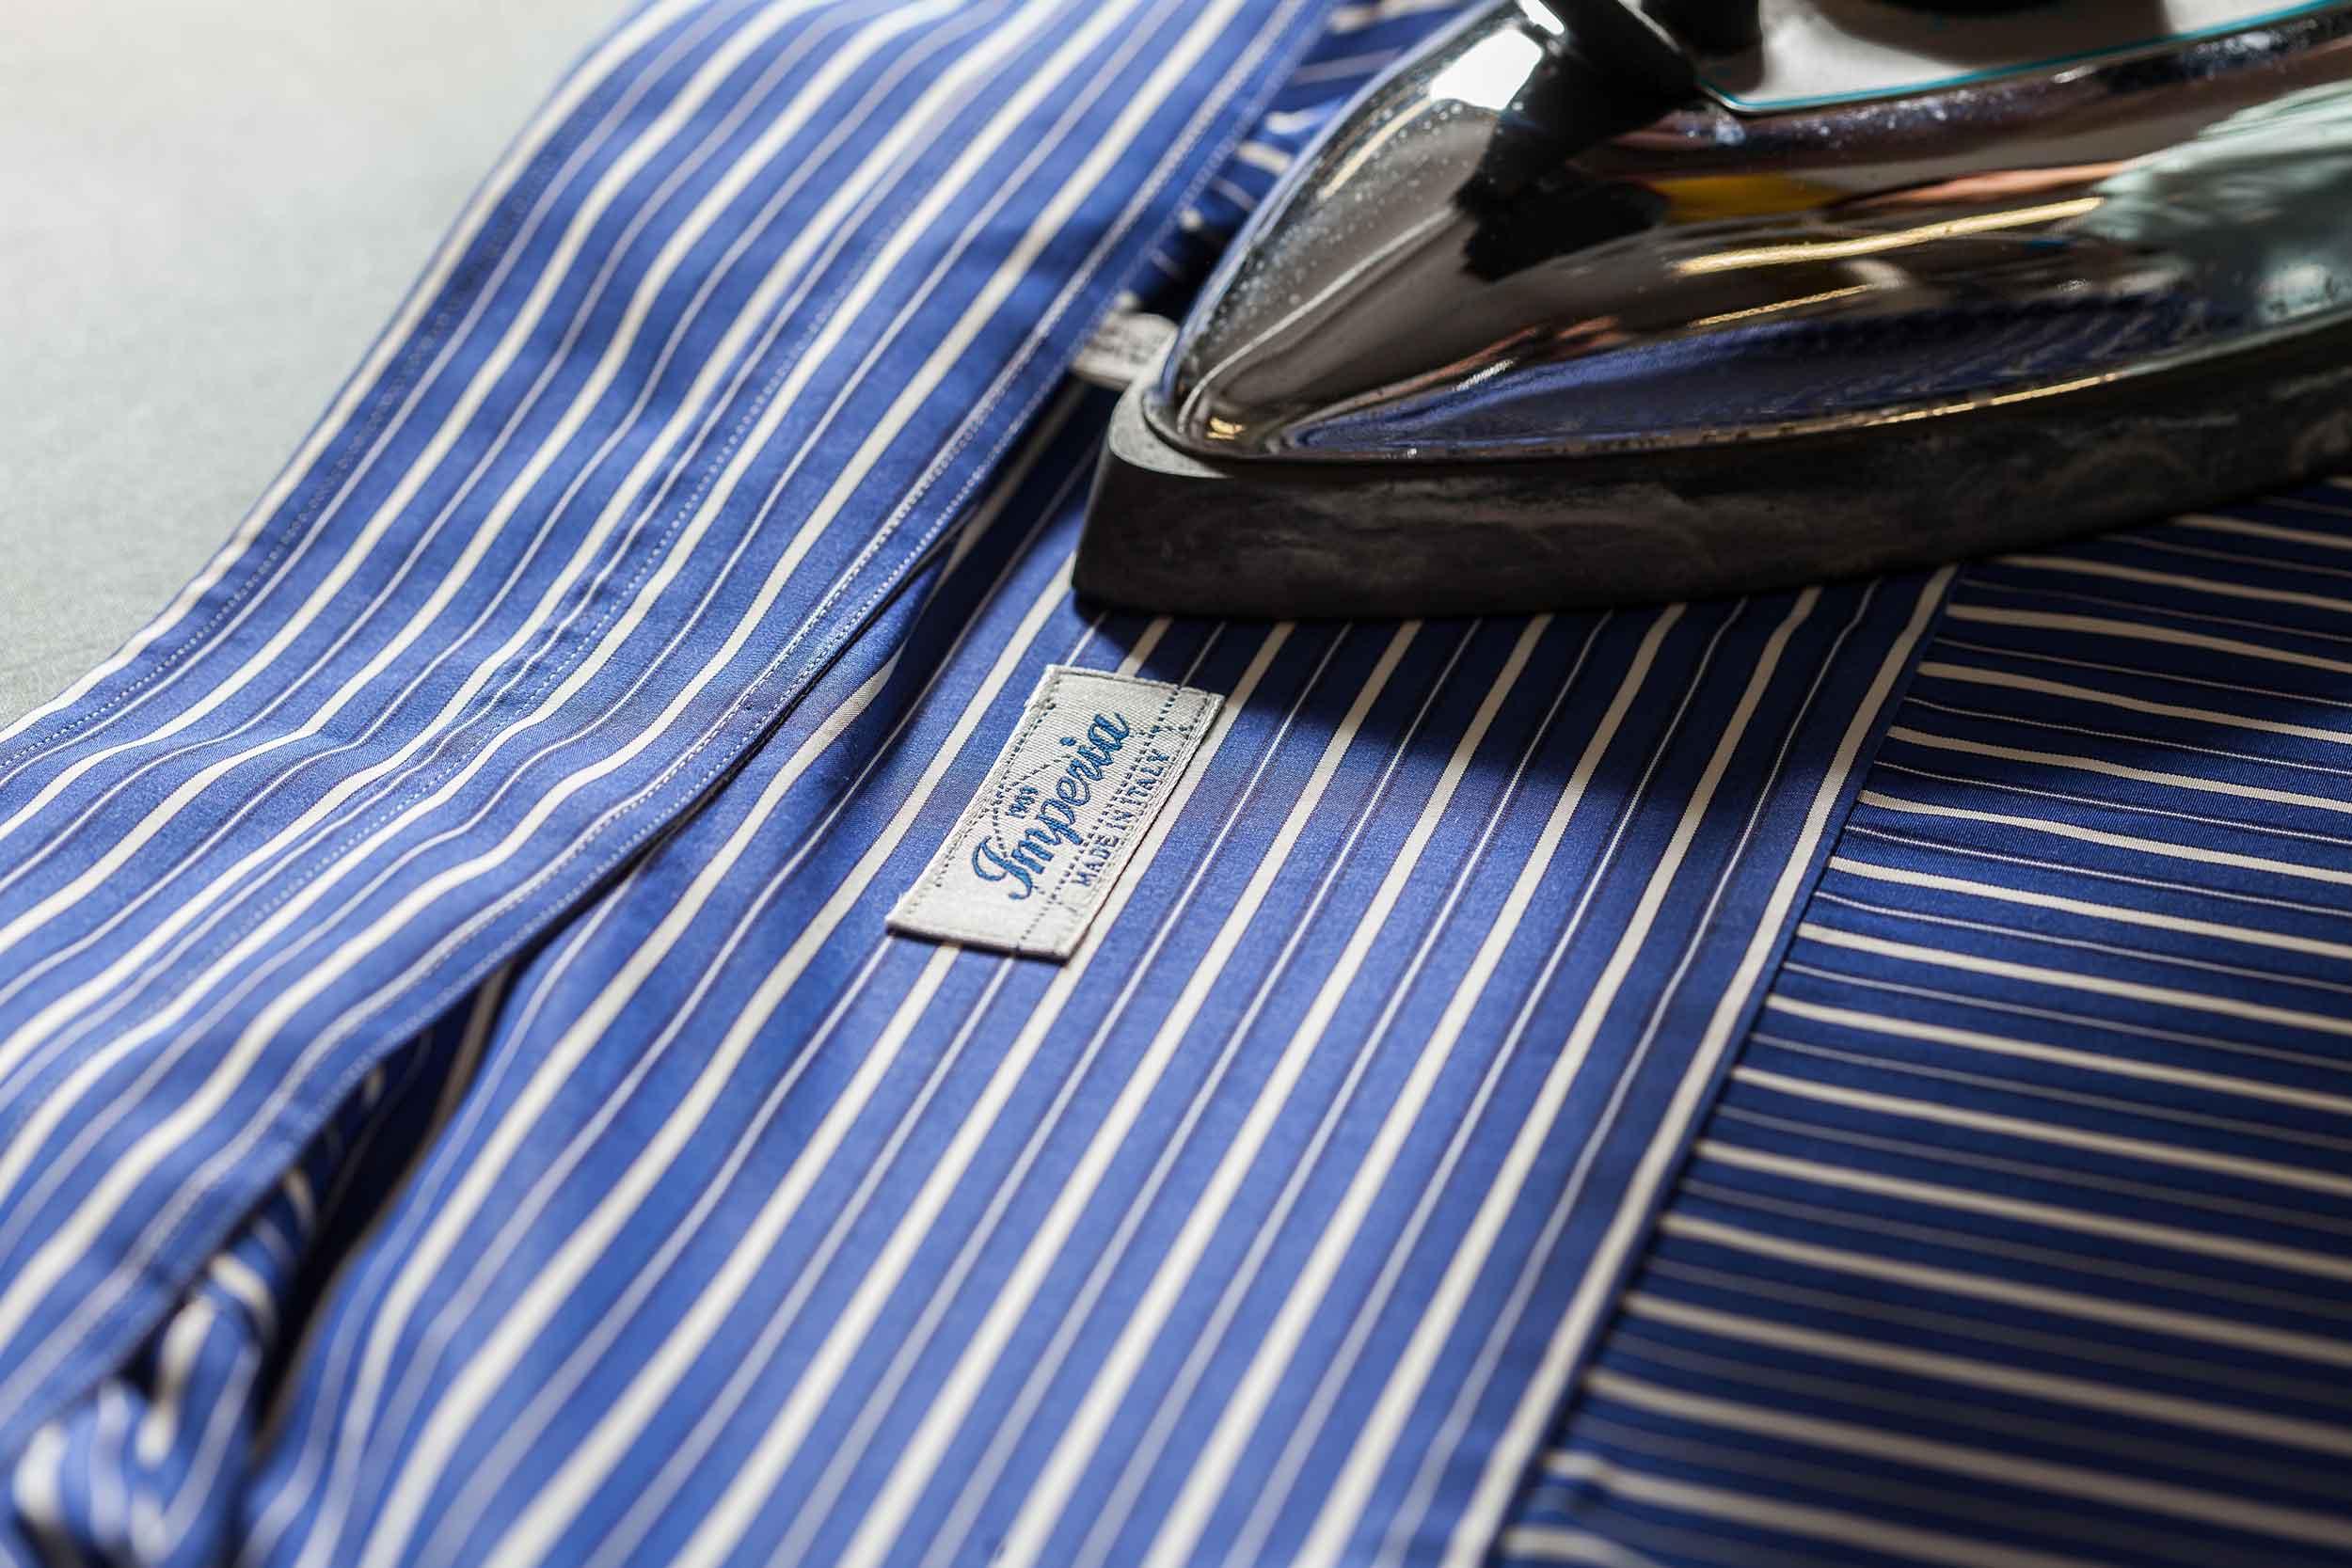 Stiratura camicia da uomo con ferro da stiro Camiceria Smeralda Ancona